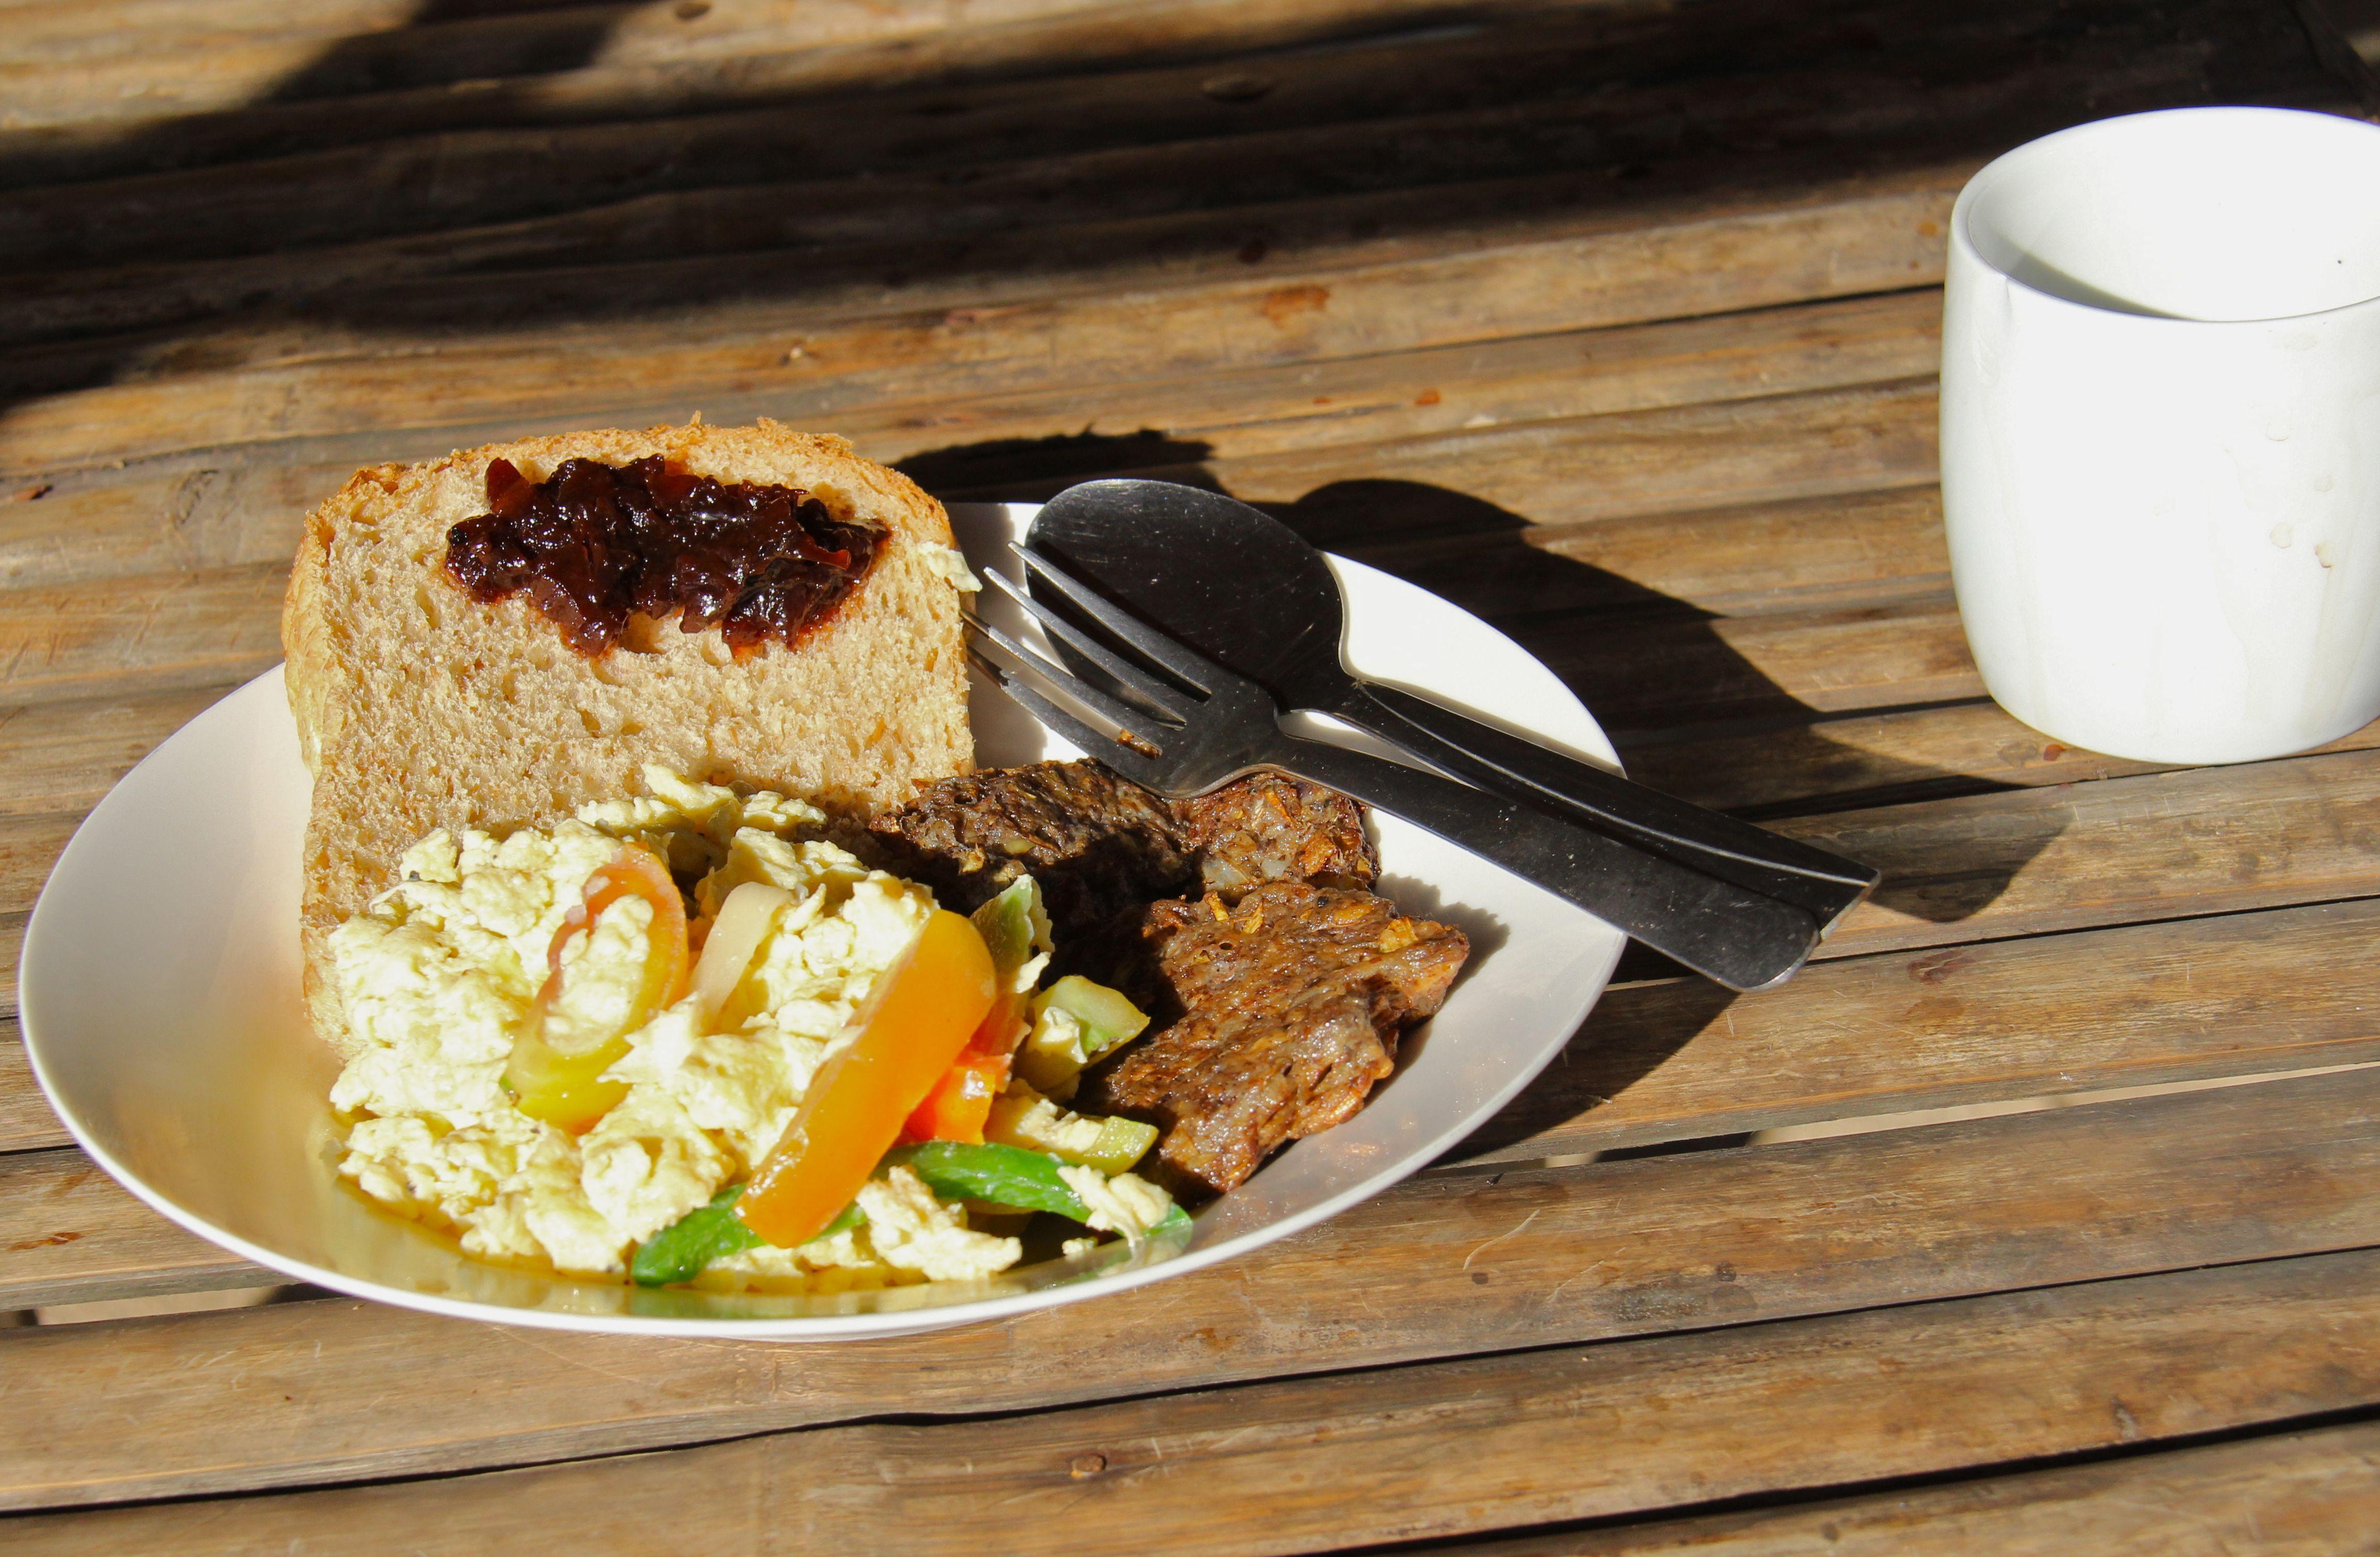 Un petit déjeuner Tao à base de burger de fleur de bananier, oeufs brouillées aux légumes et confiture de carambole